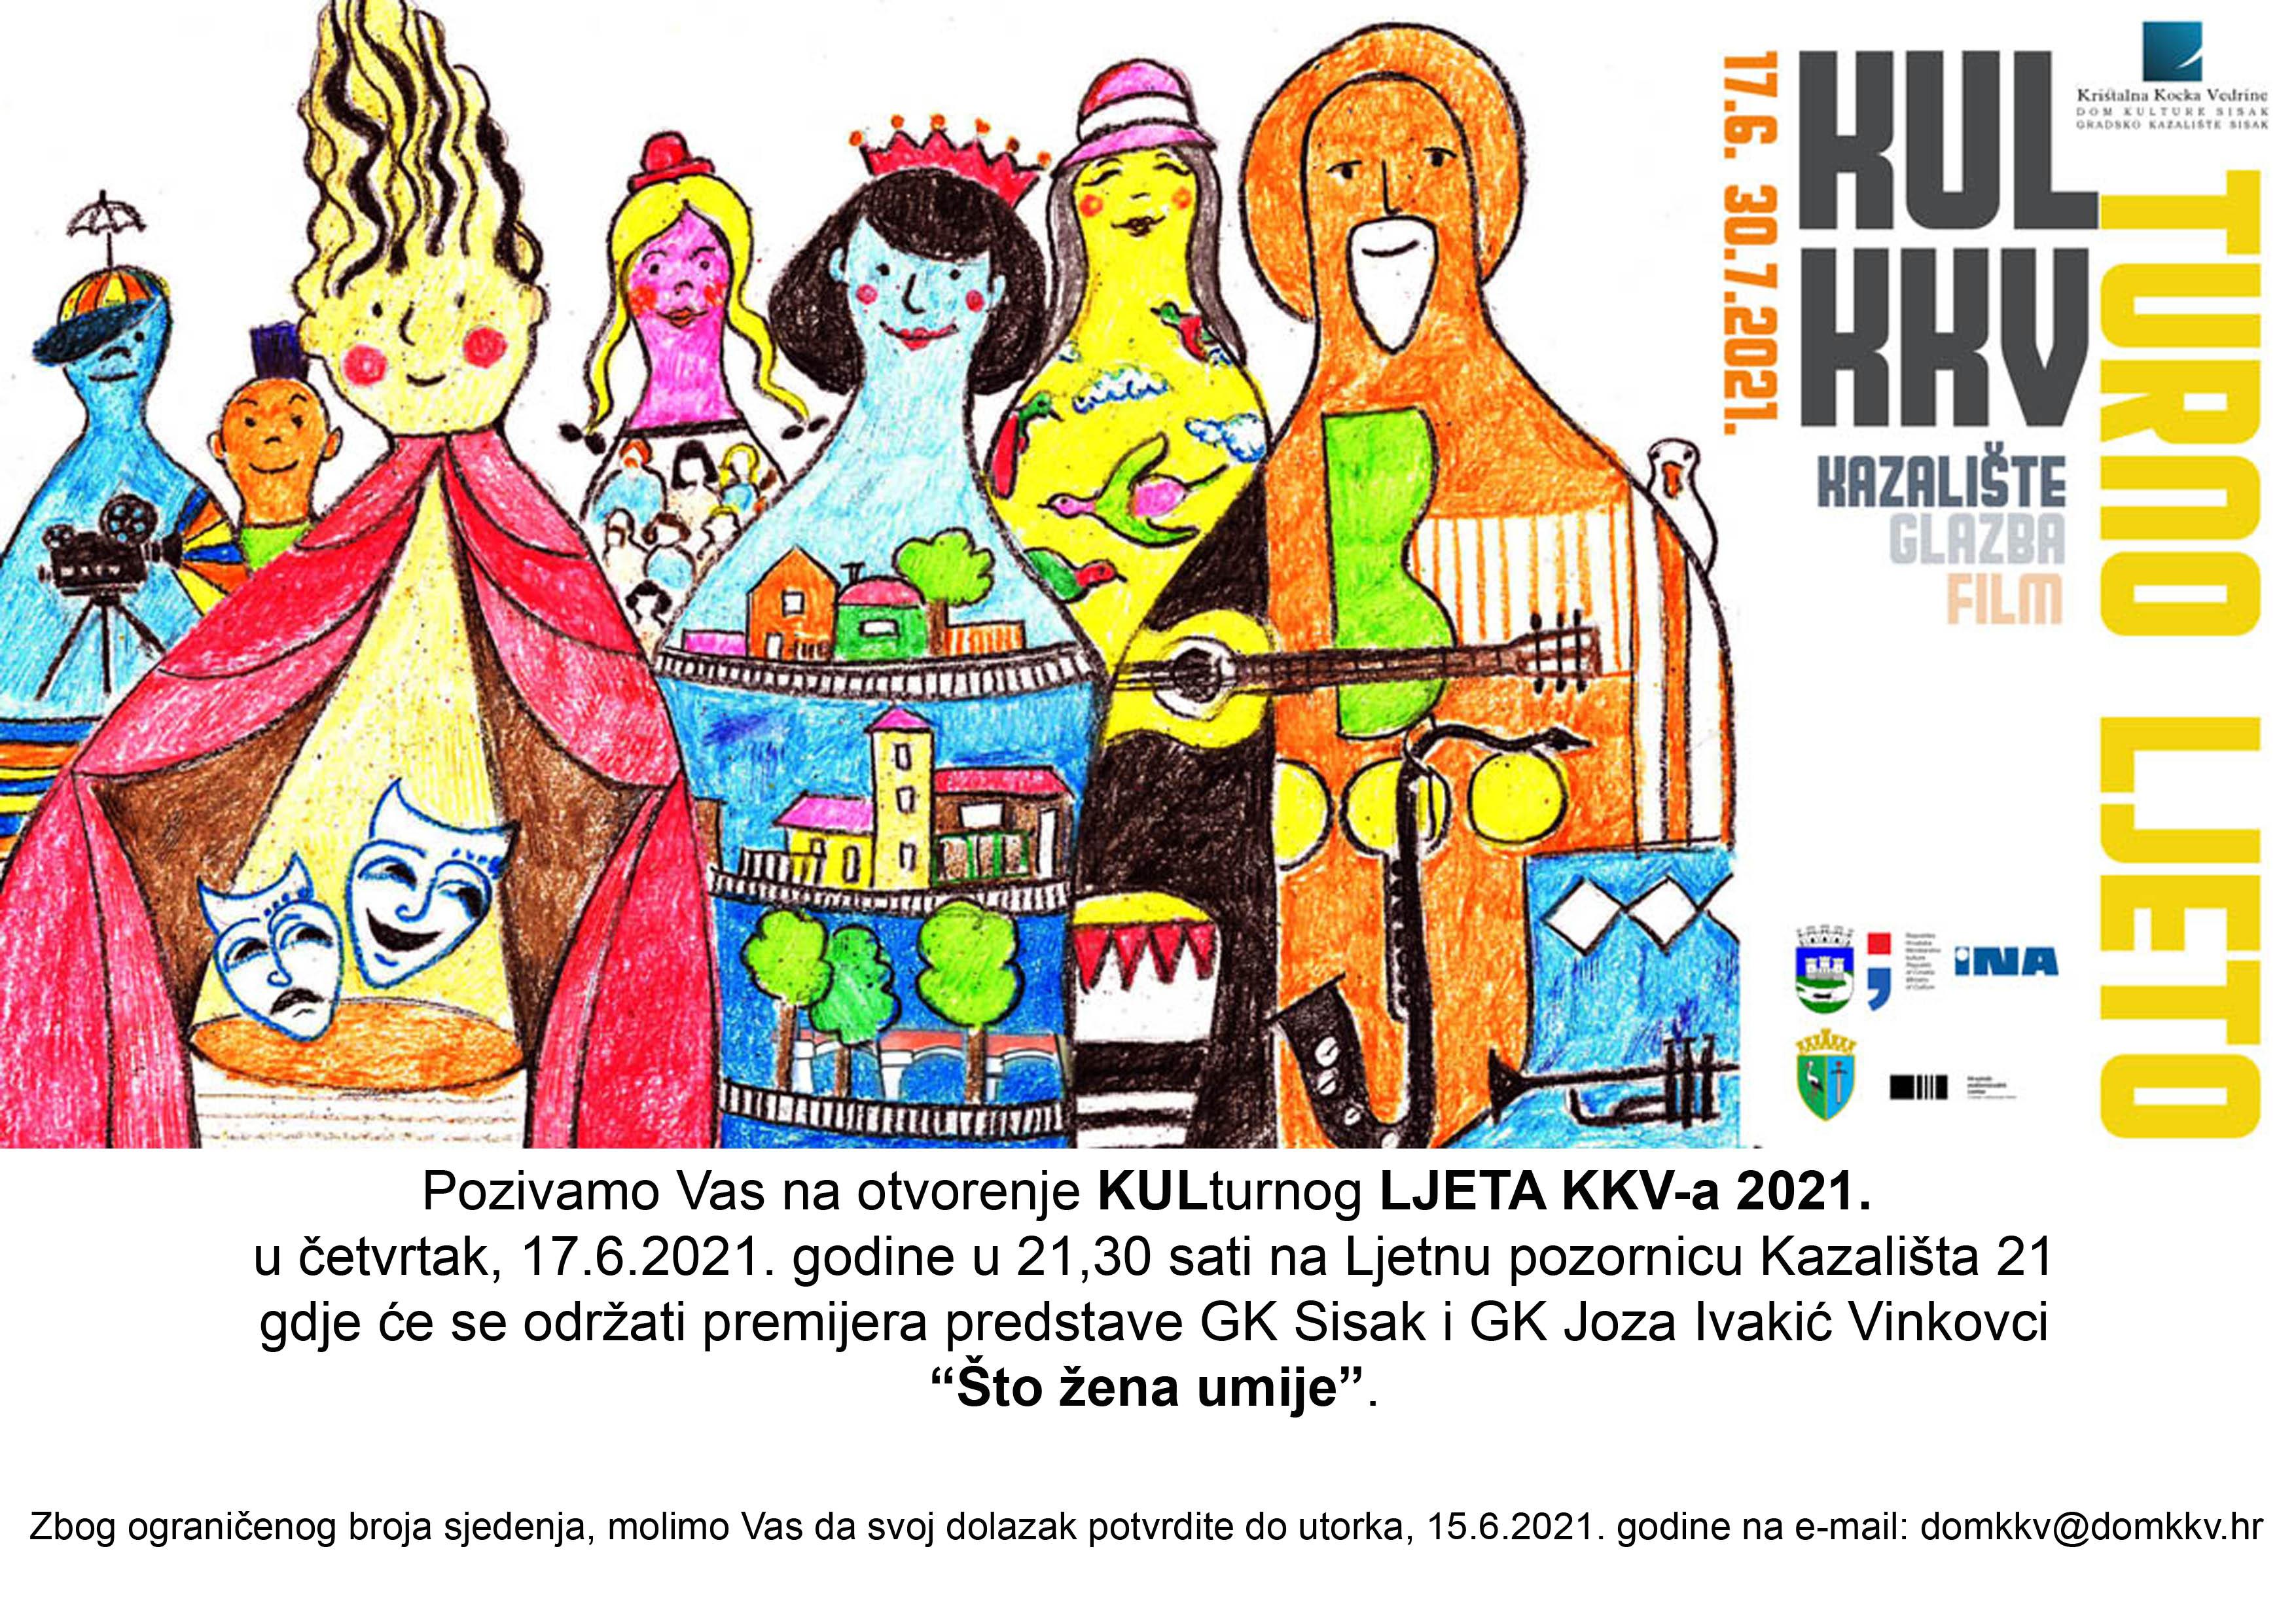 Kulturno ljeto KKV-a